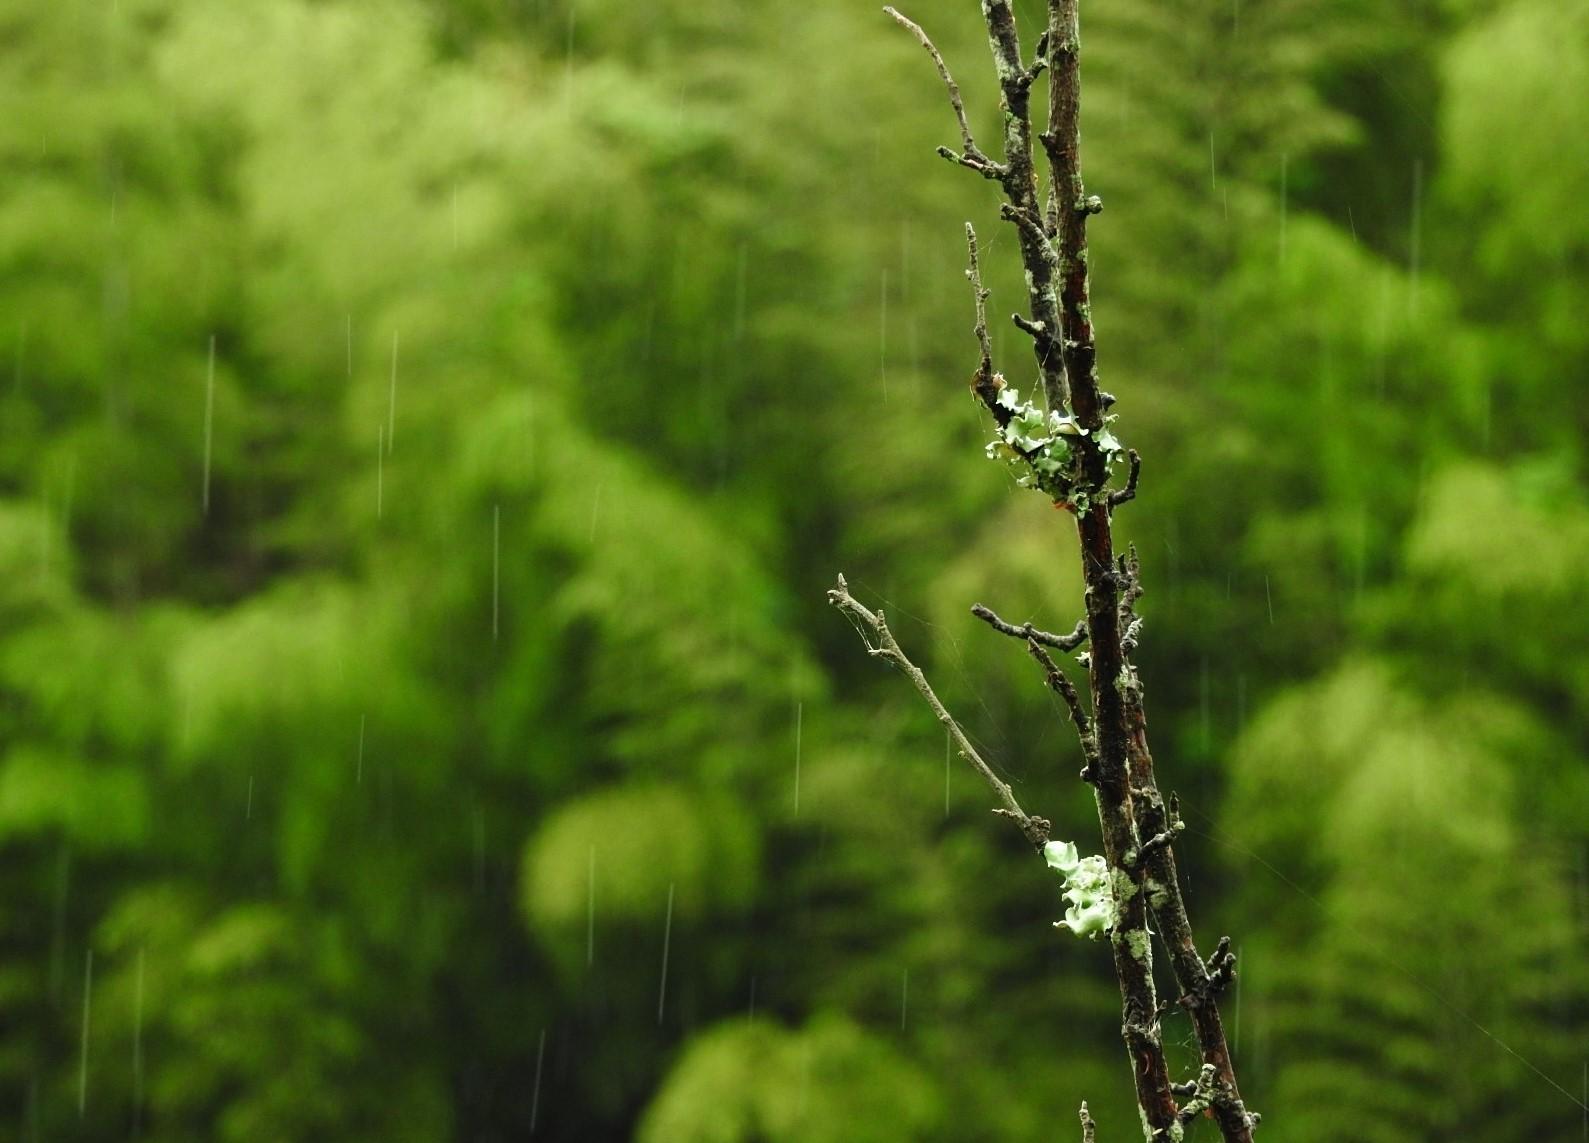 詩人になりたい日の雨_e0406450_12300203.jpg